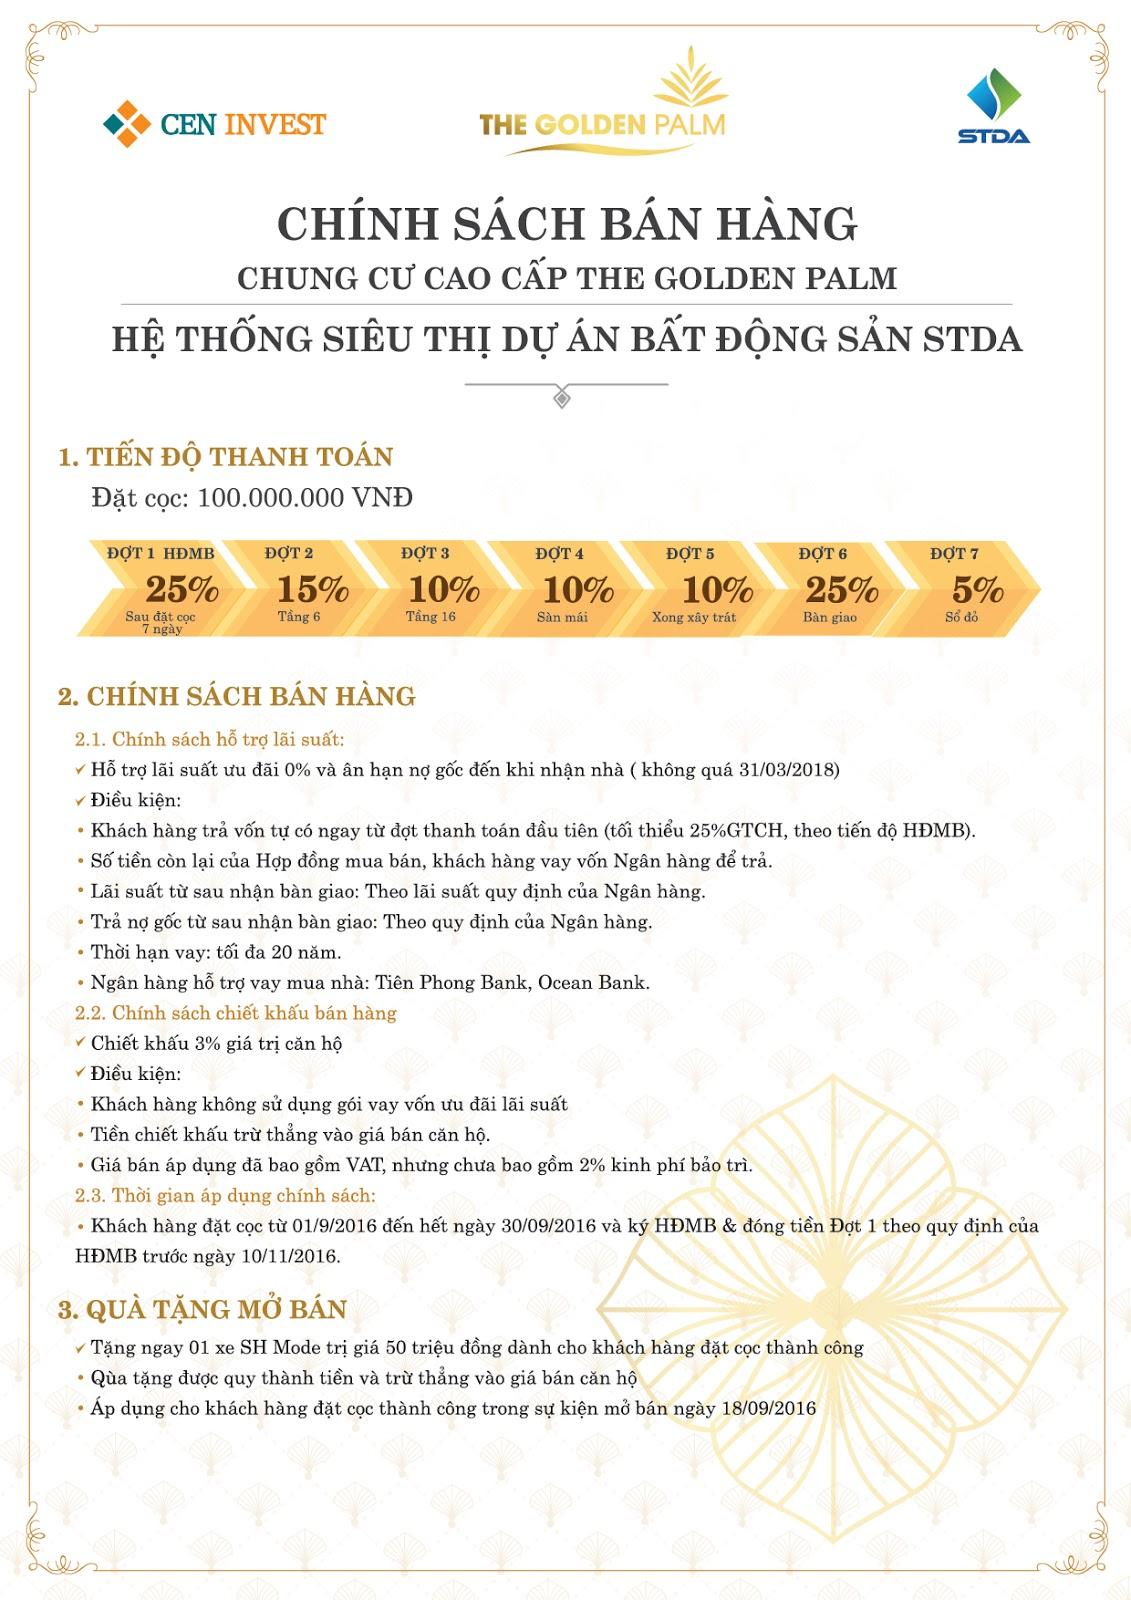 Chính sách bán hàng tại dự án chung cư The Golden Palm